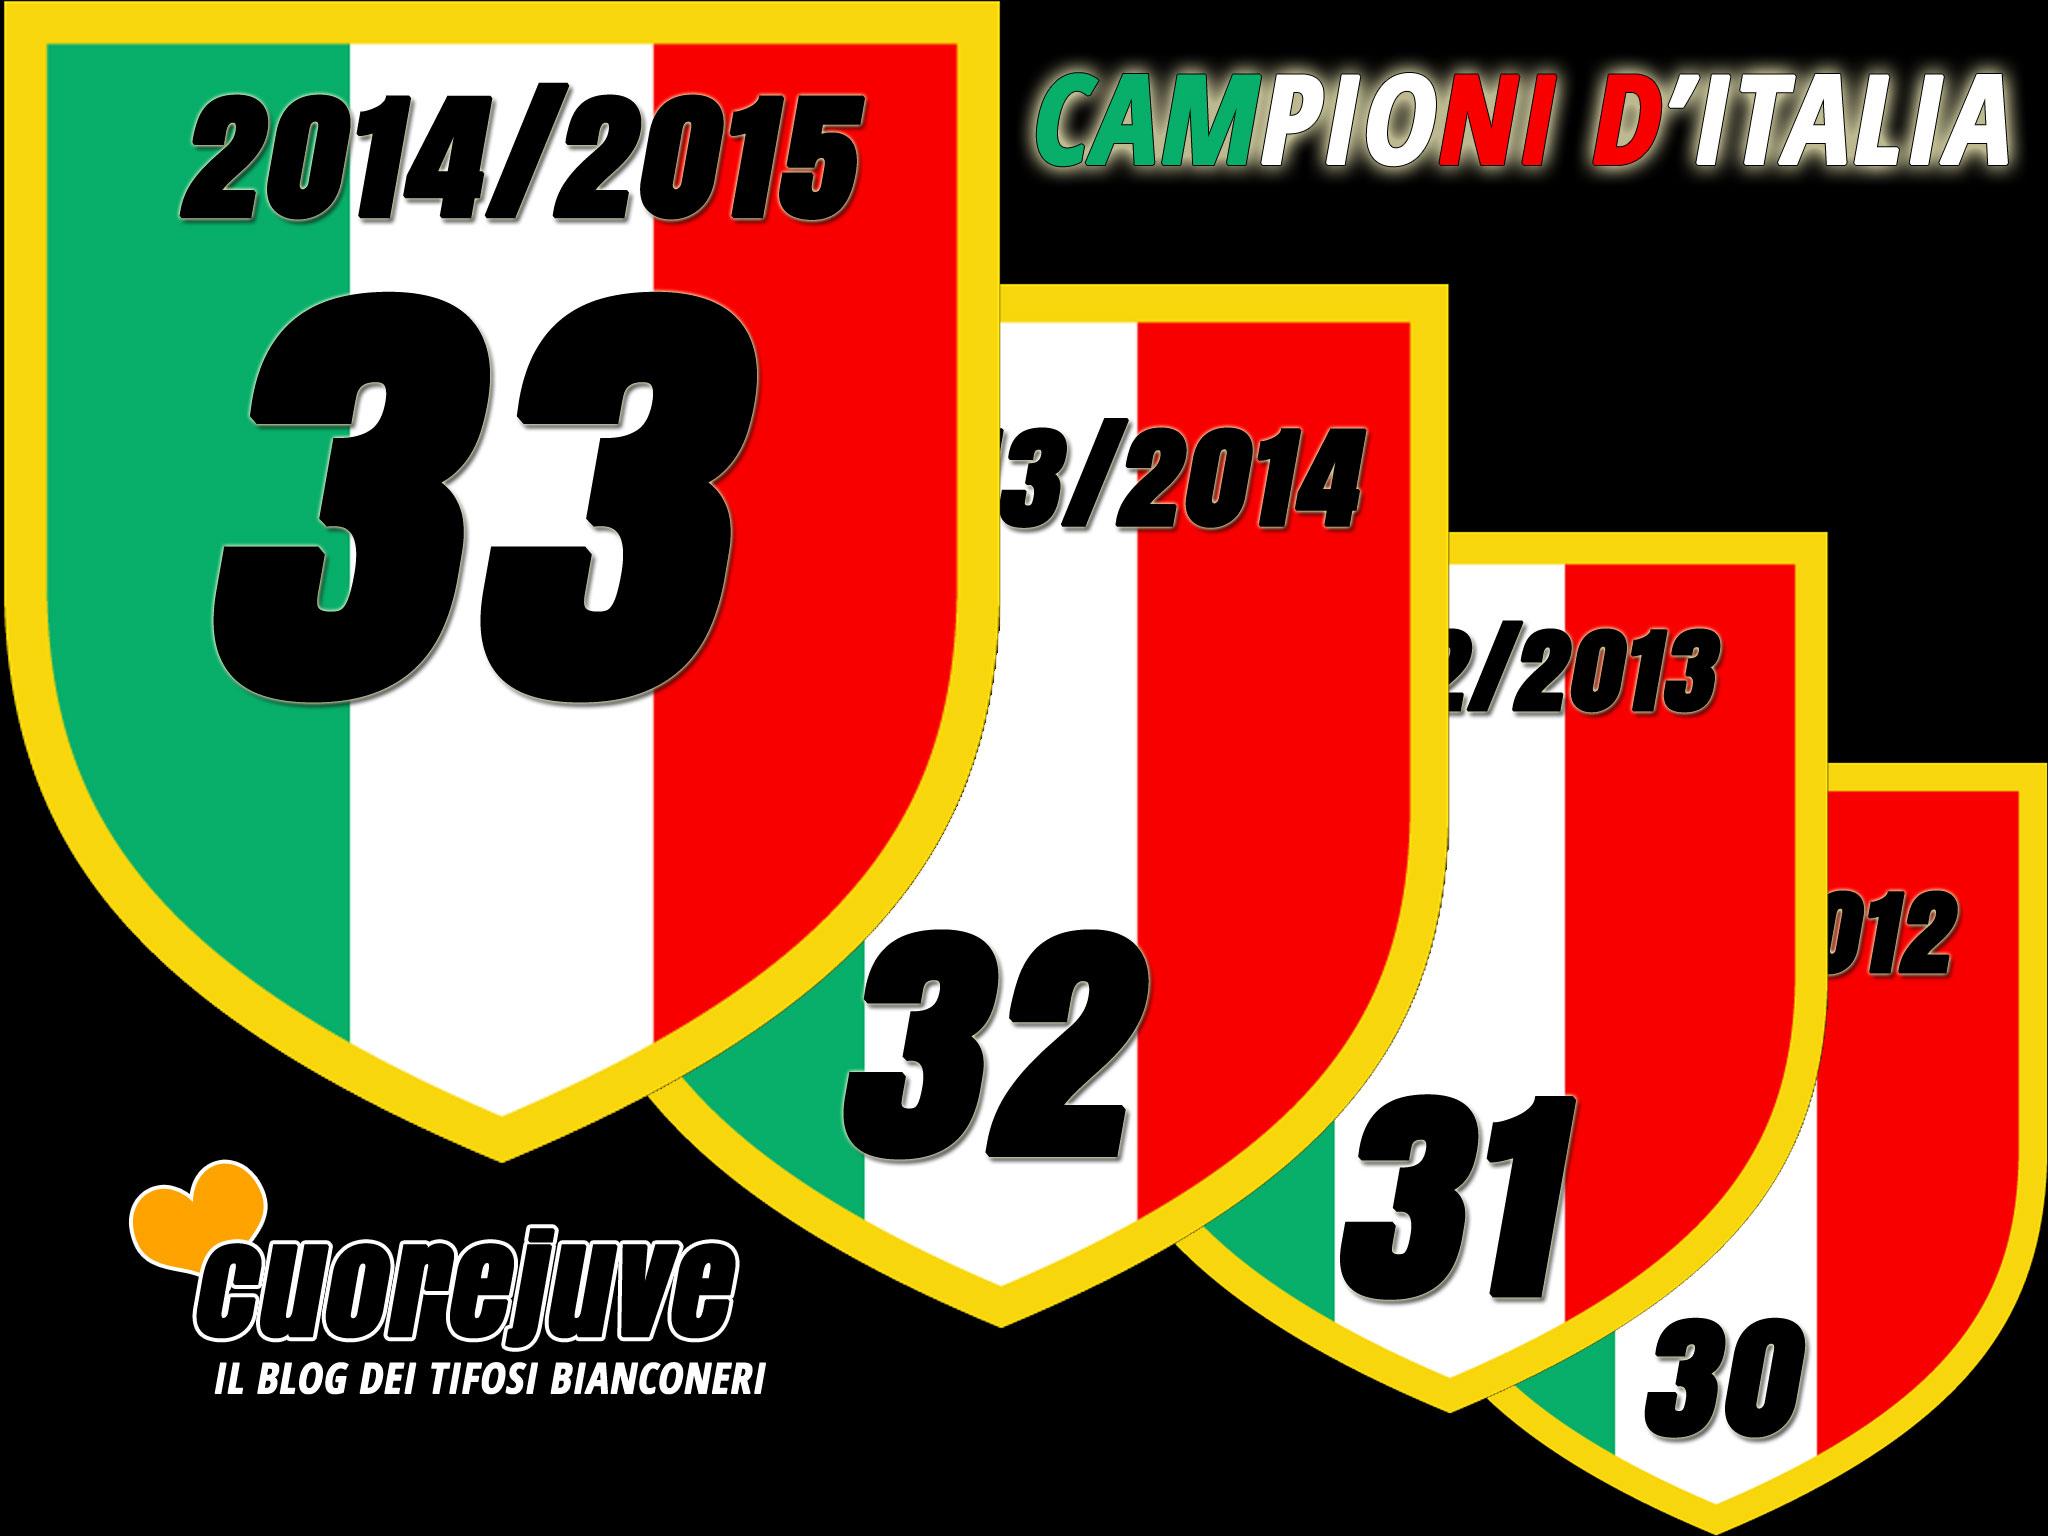 Campioni Italia